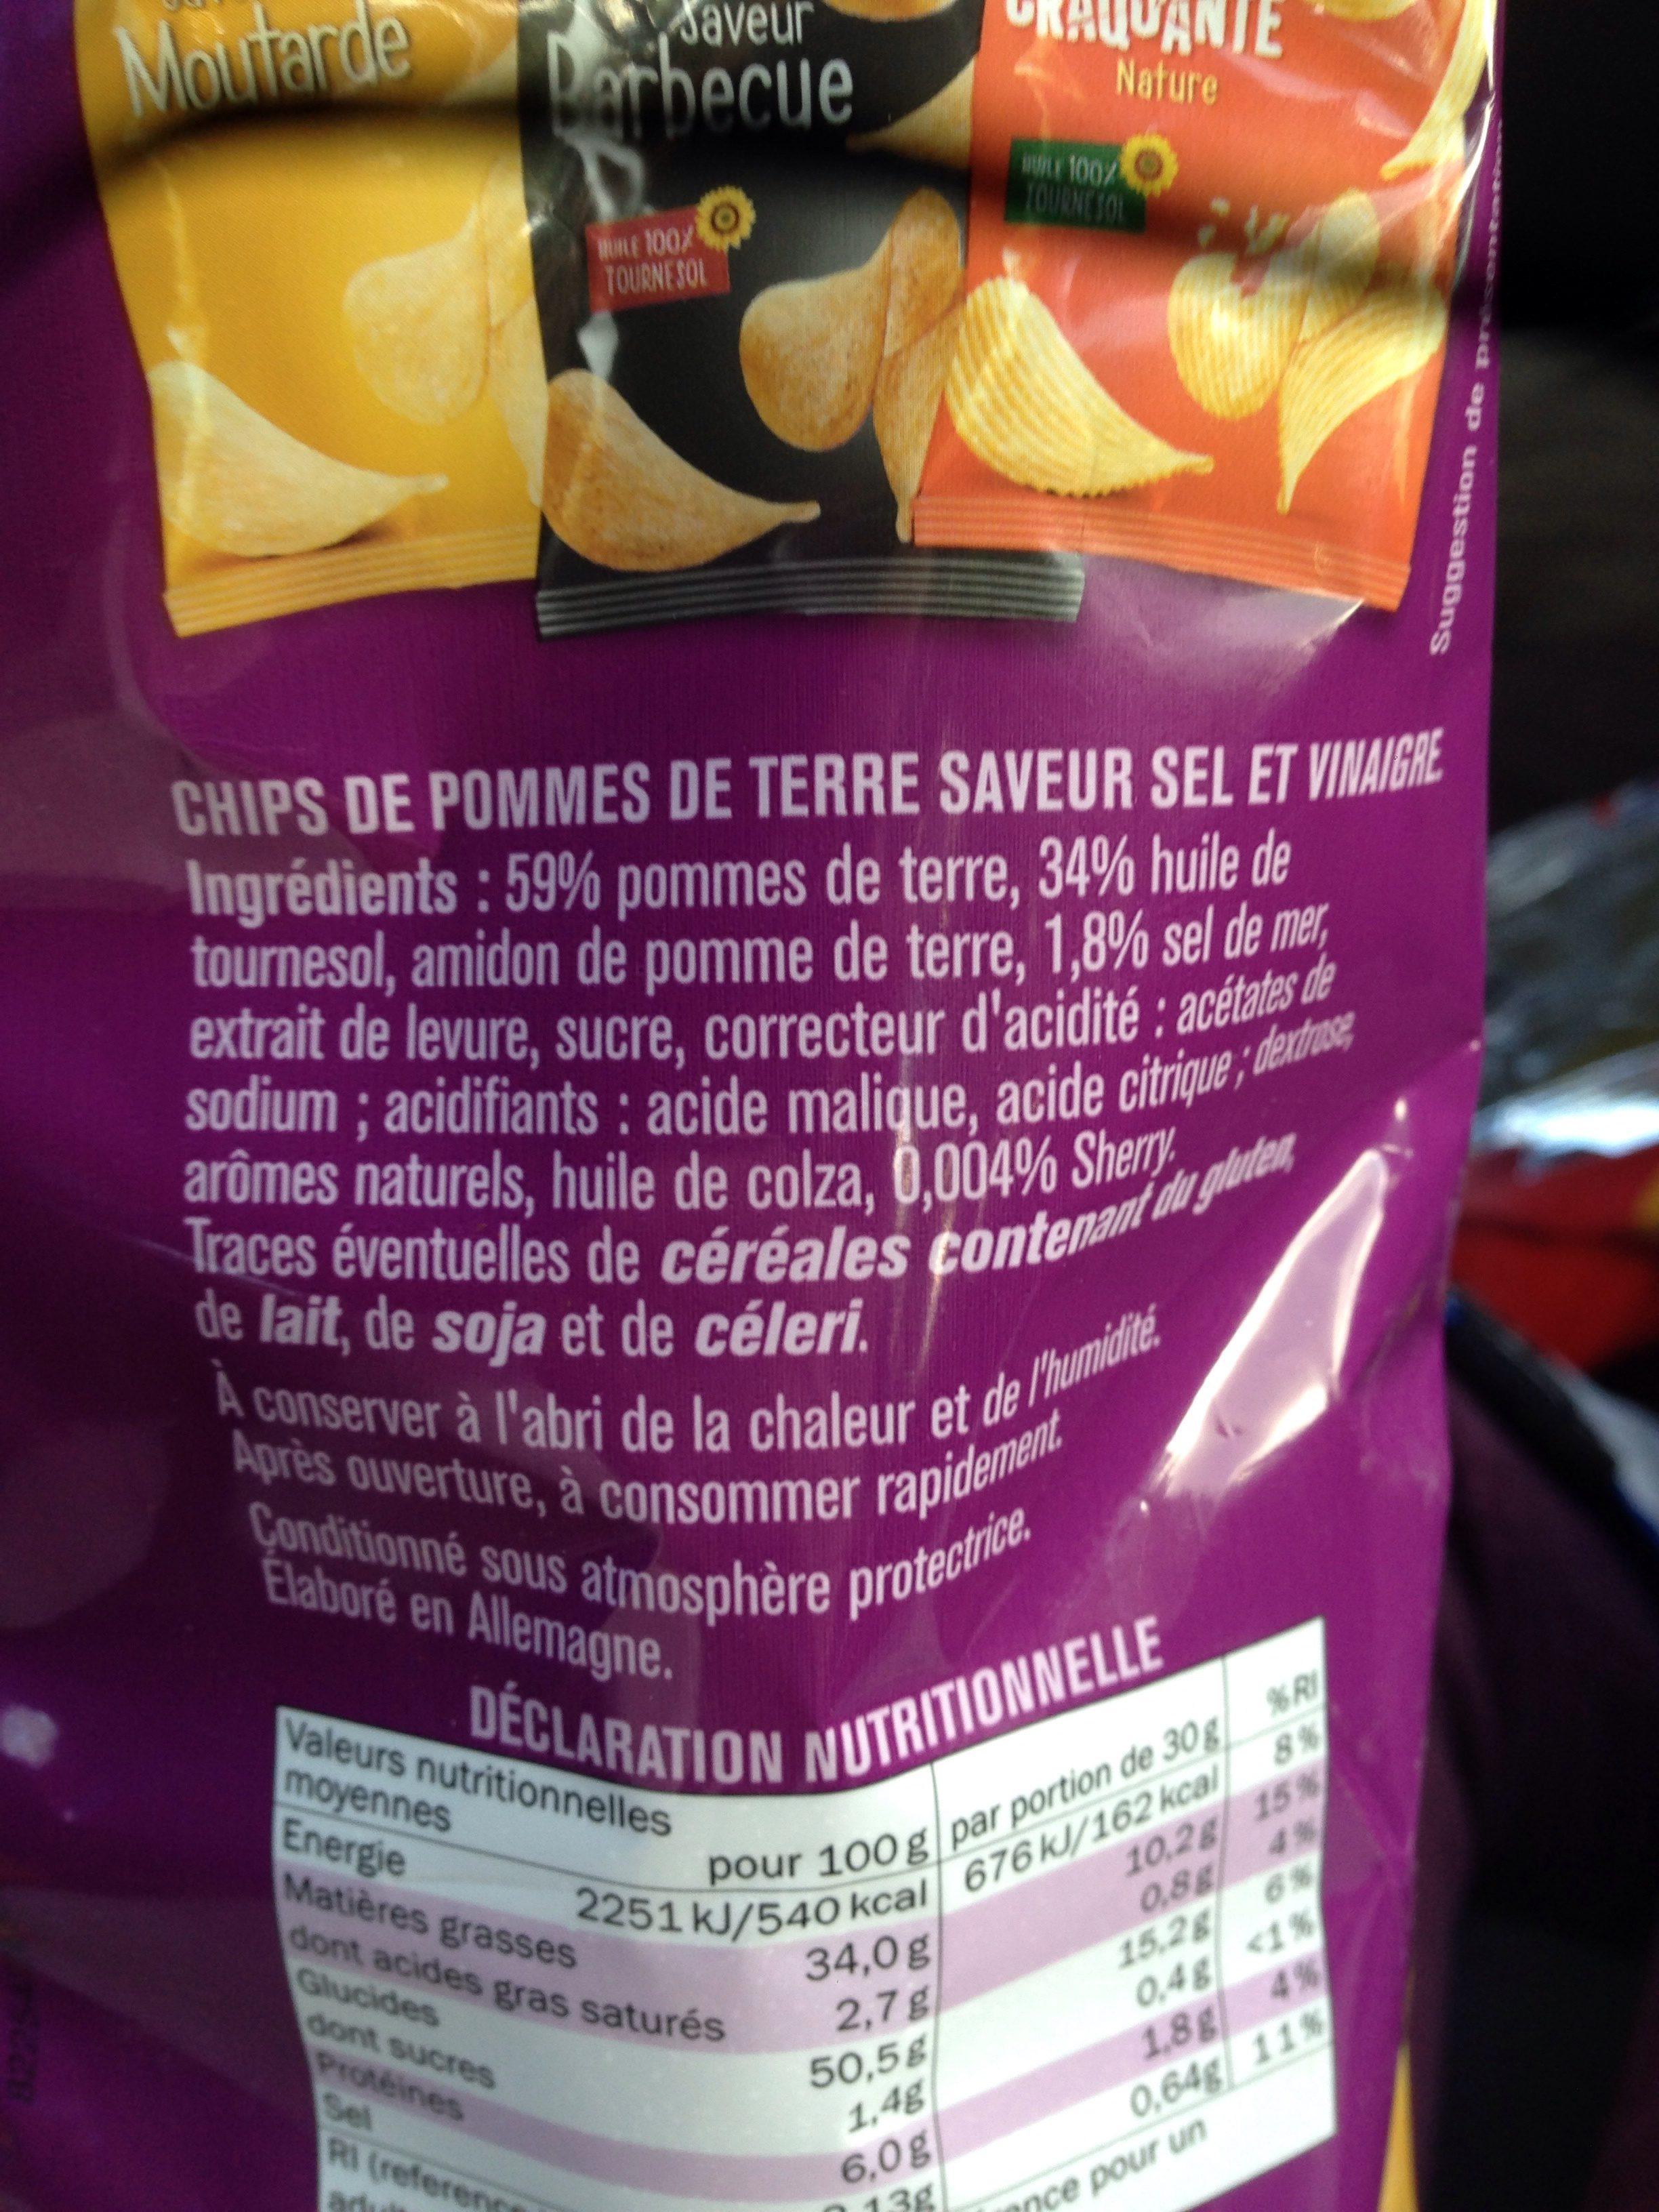 Chips saveur sel et vinaigre - Ingrédients - fr